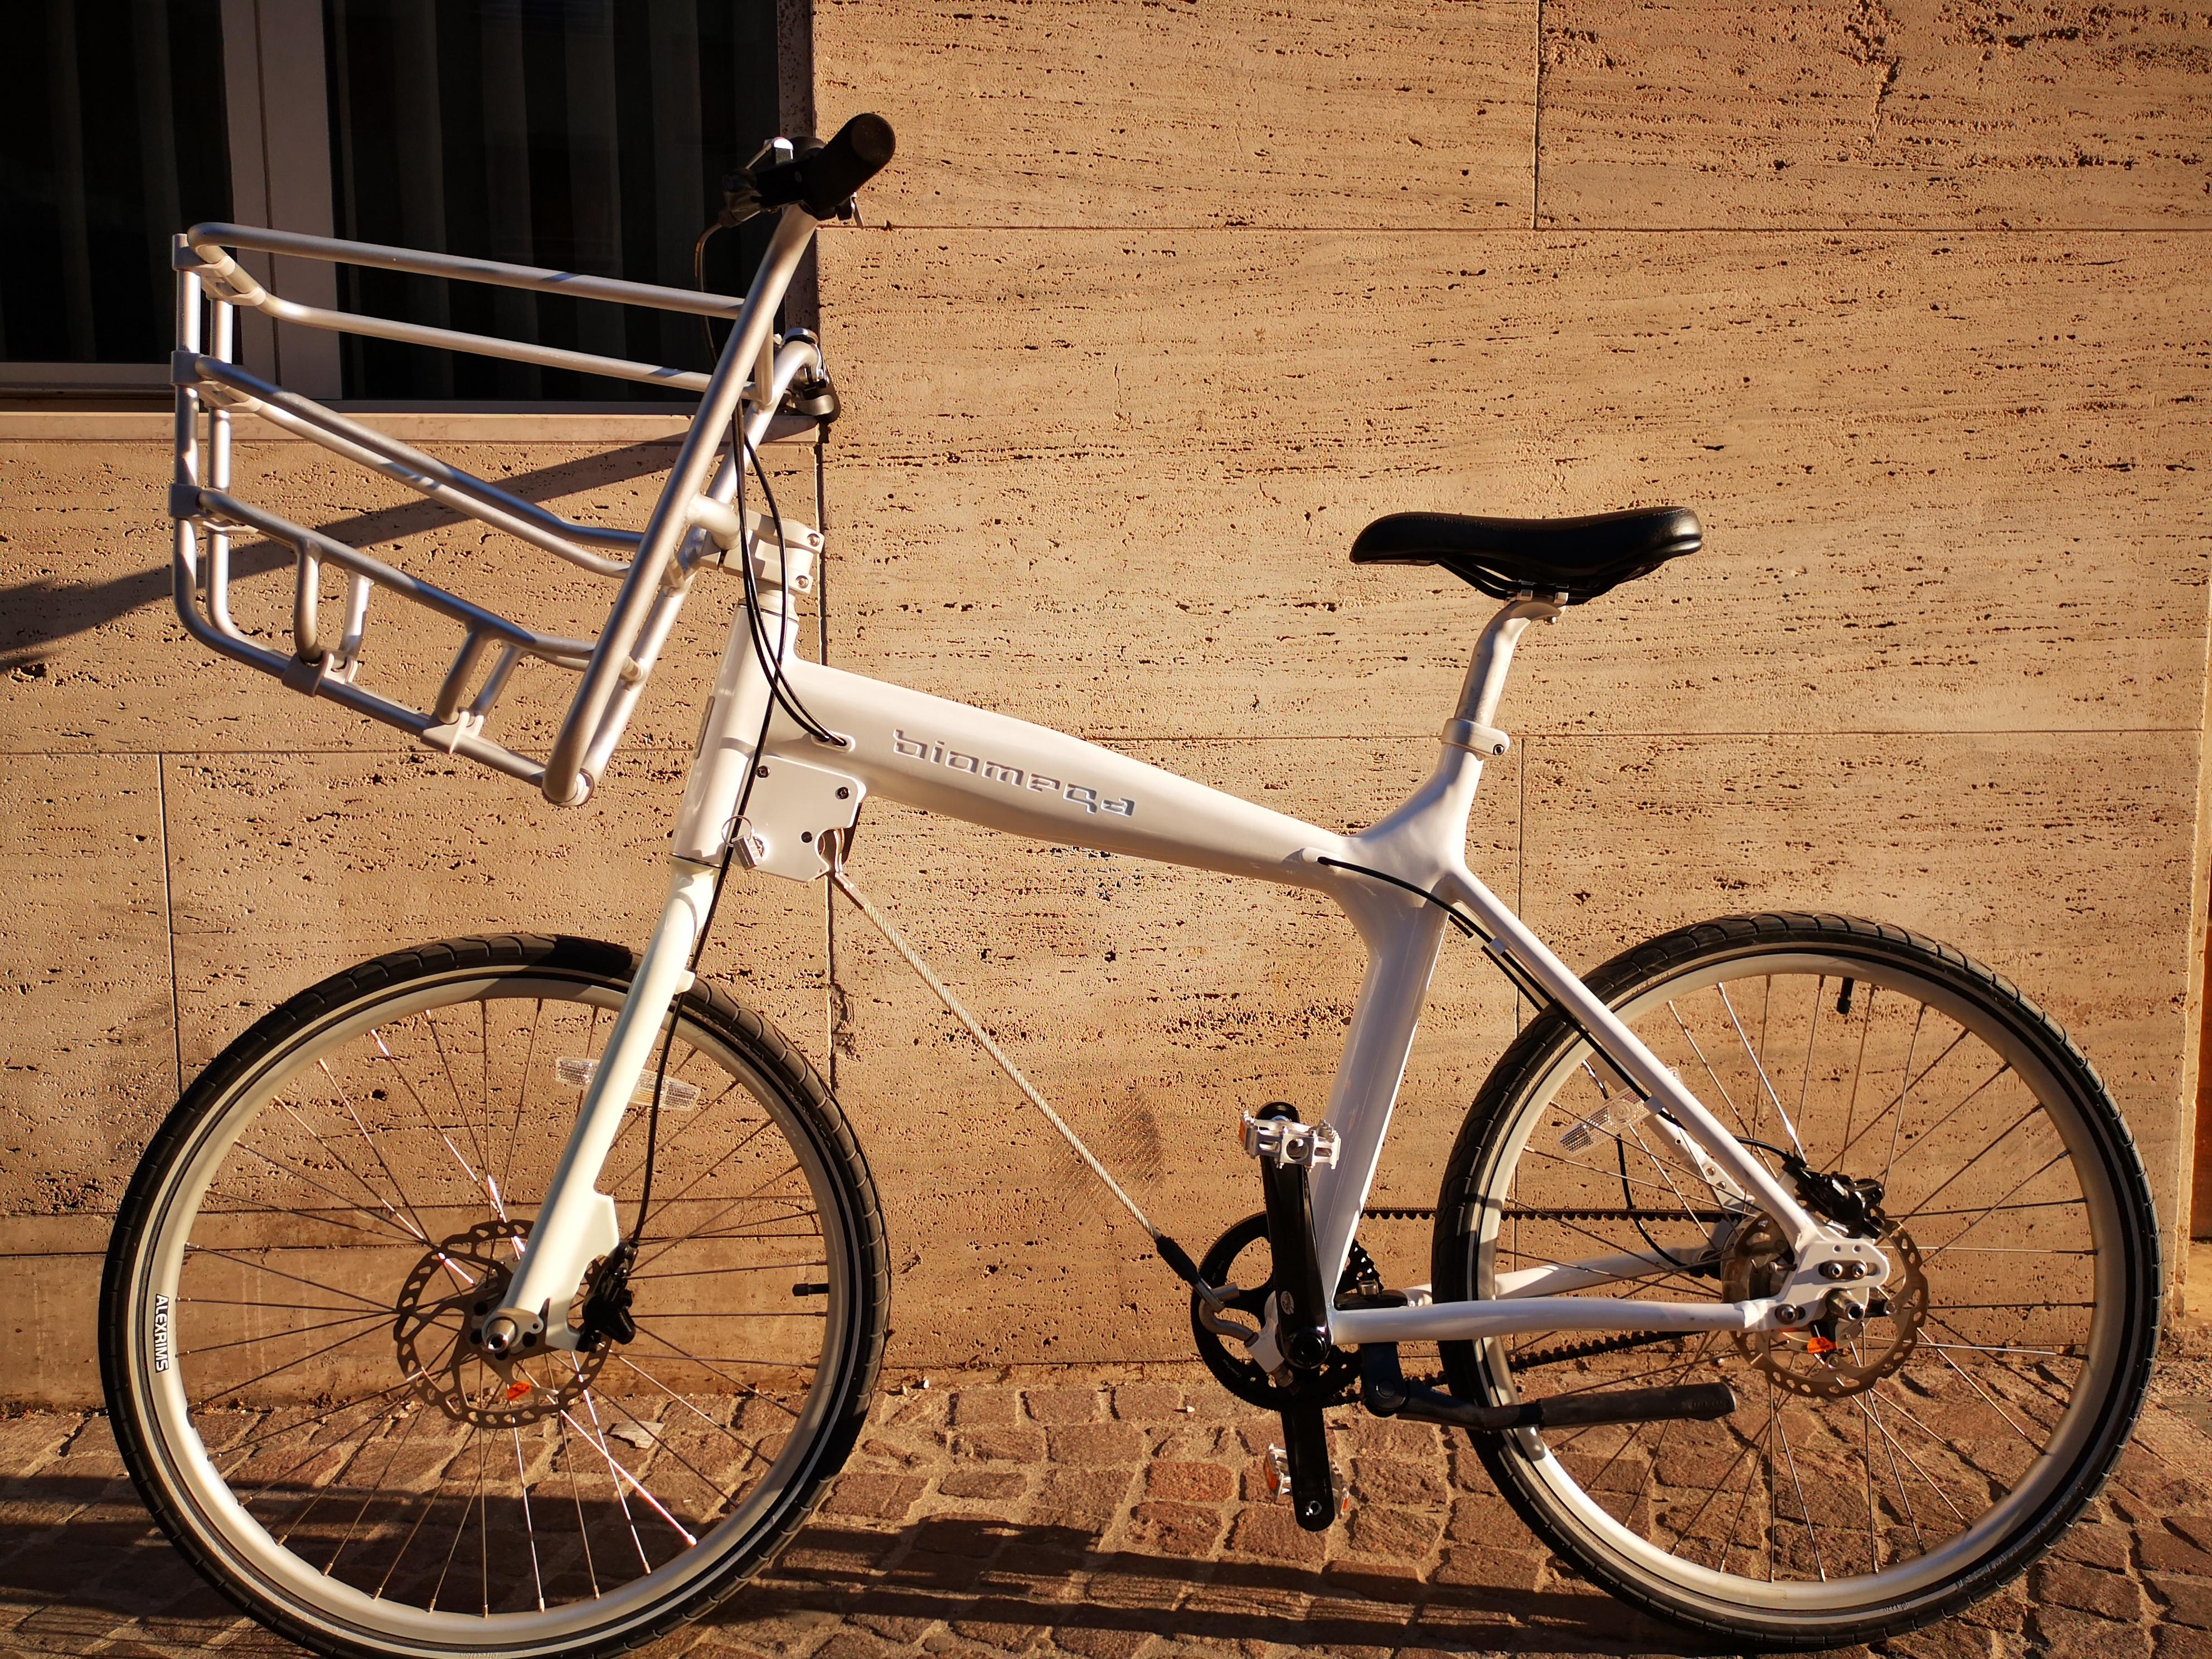 greenbike pesaro-Biomega-Bpston 24-bici con cinghia